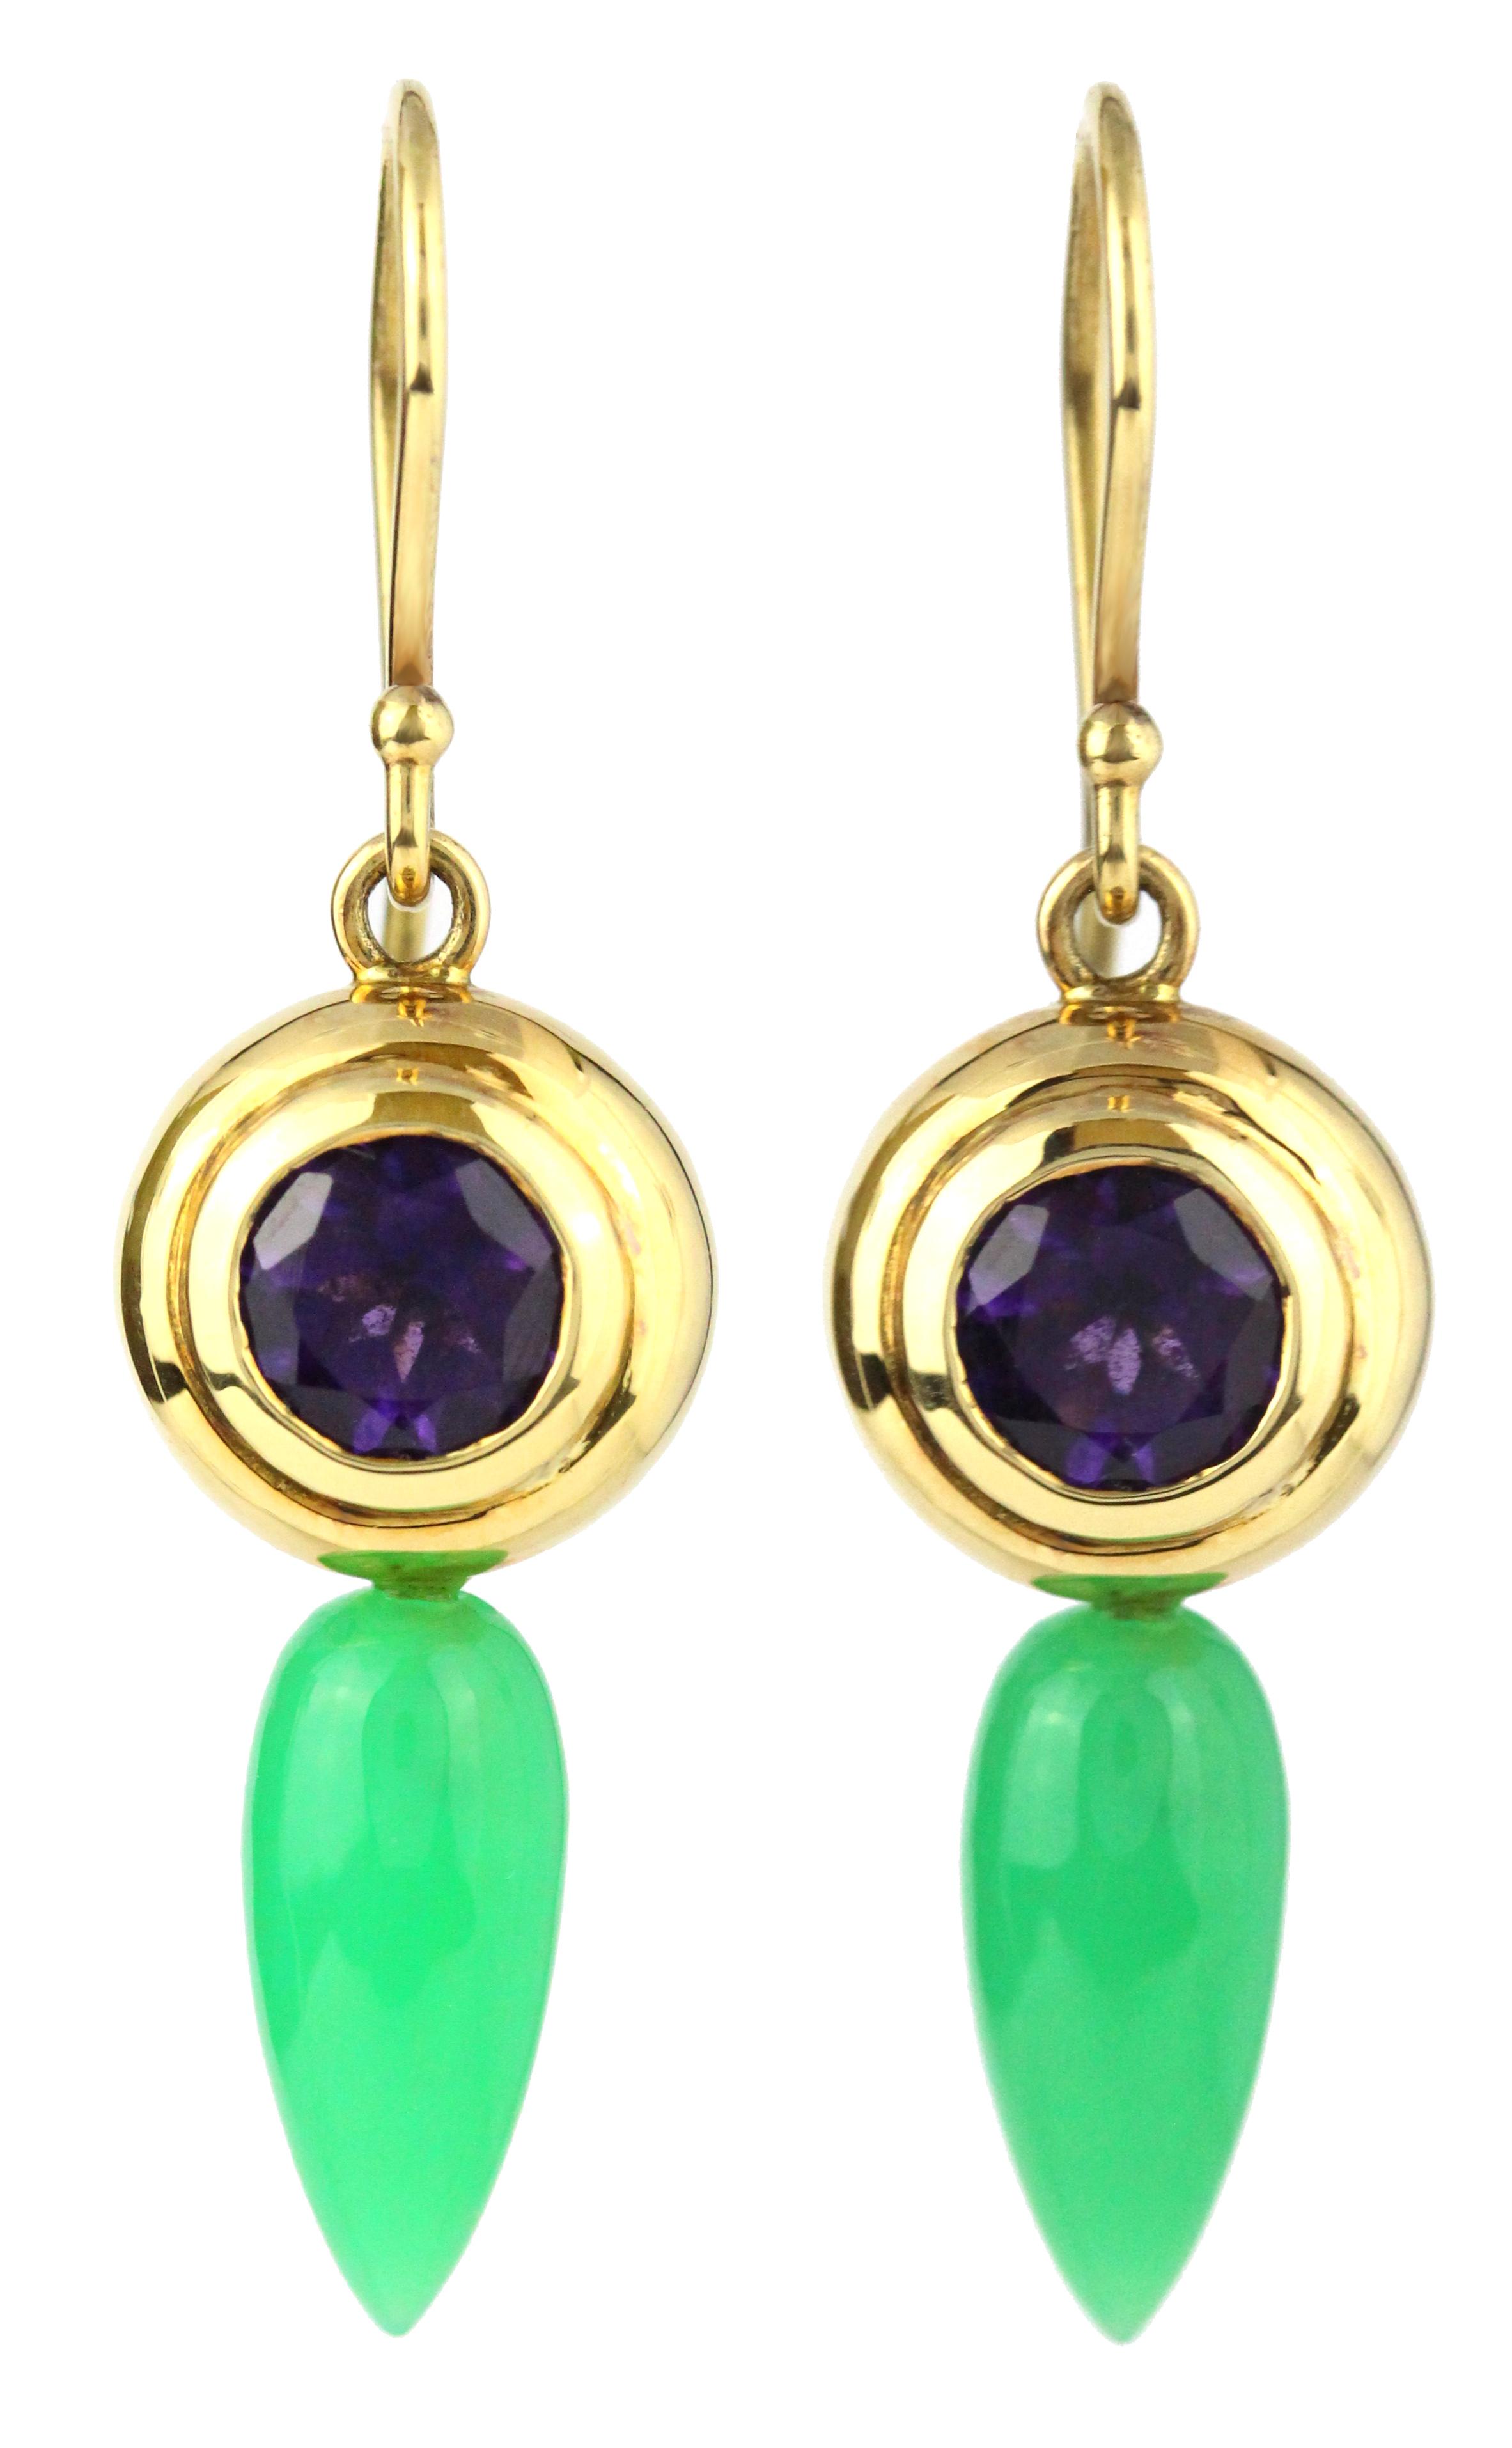 Amethyst and chrsoprase shepherd hooks earrings in yellow gold.